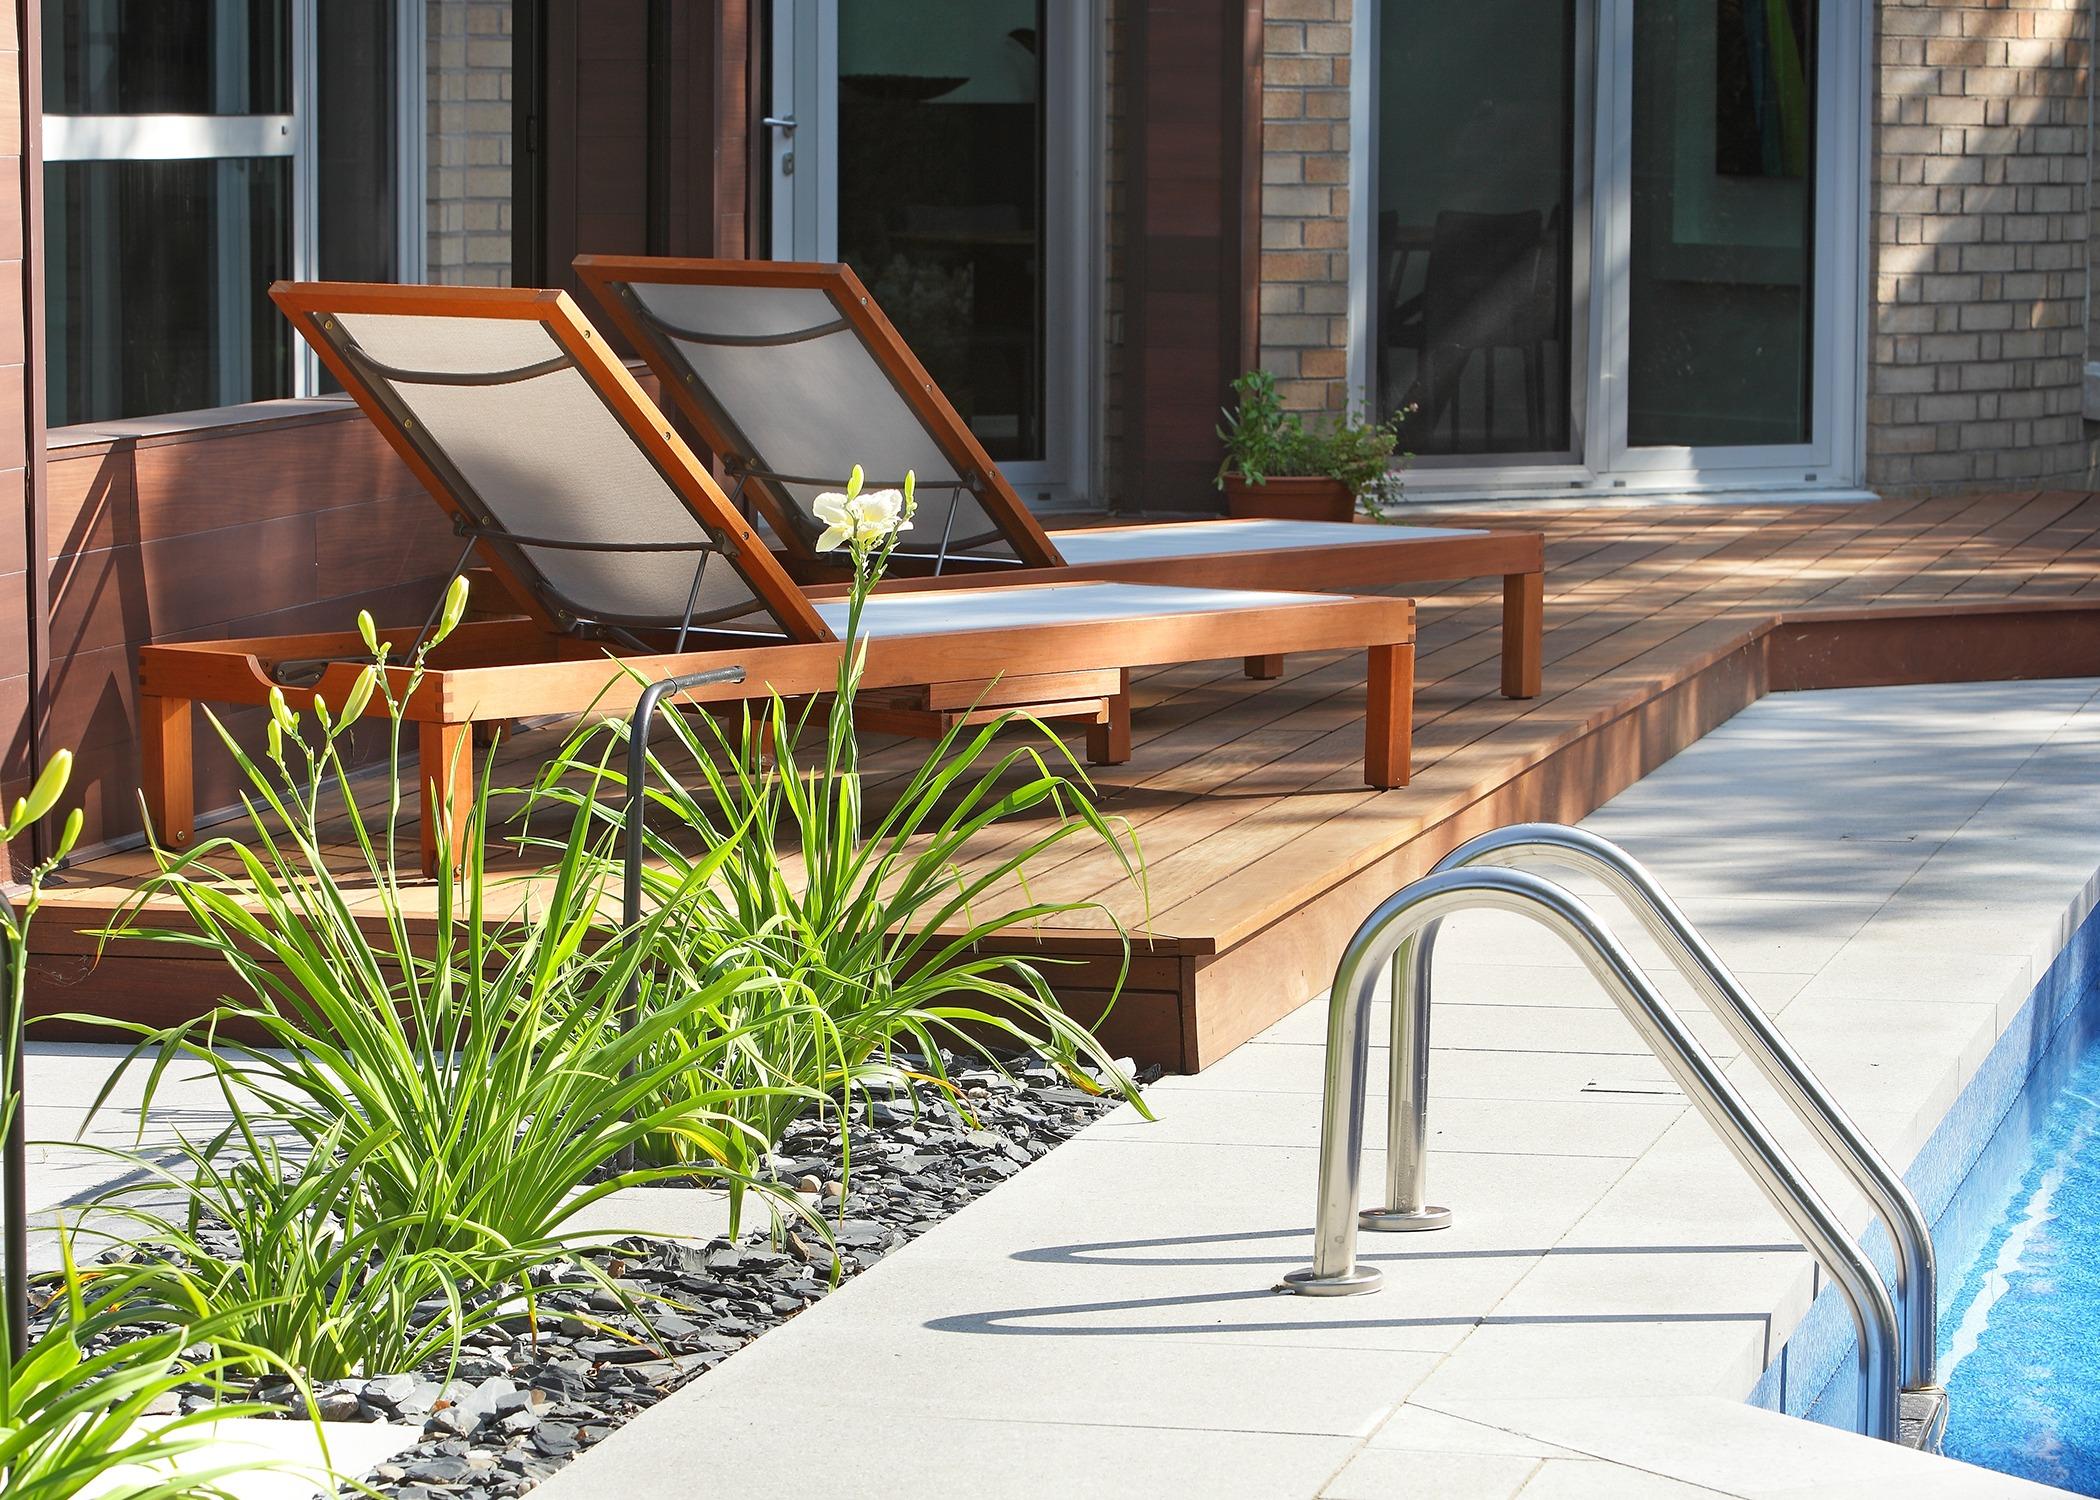 Chaises longues au bord d'une piscine avec aménagement de fleurs